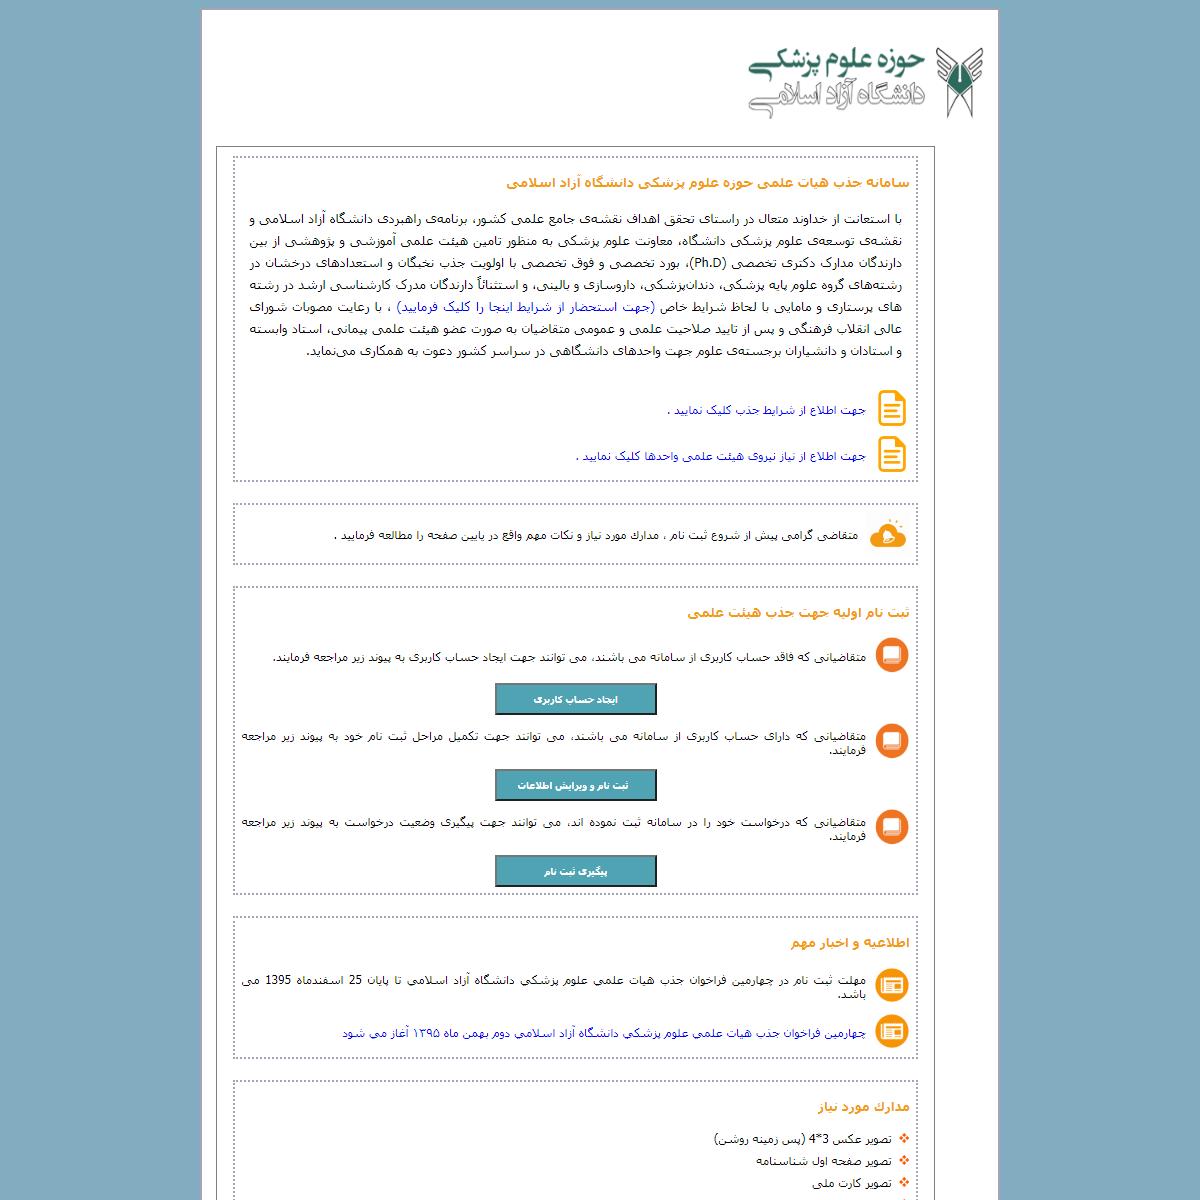 جذب هیئت علمی حوزه علوم پزشکی دانشگاه آزاد اسلامی